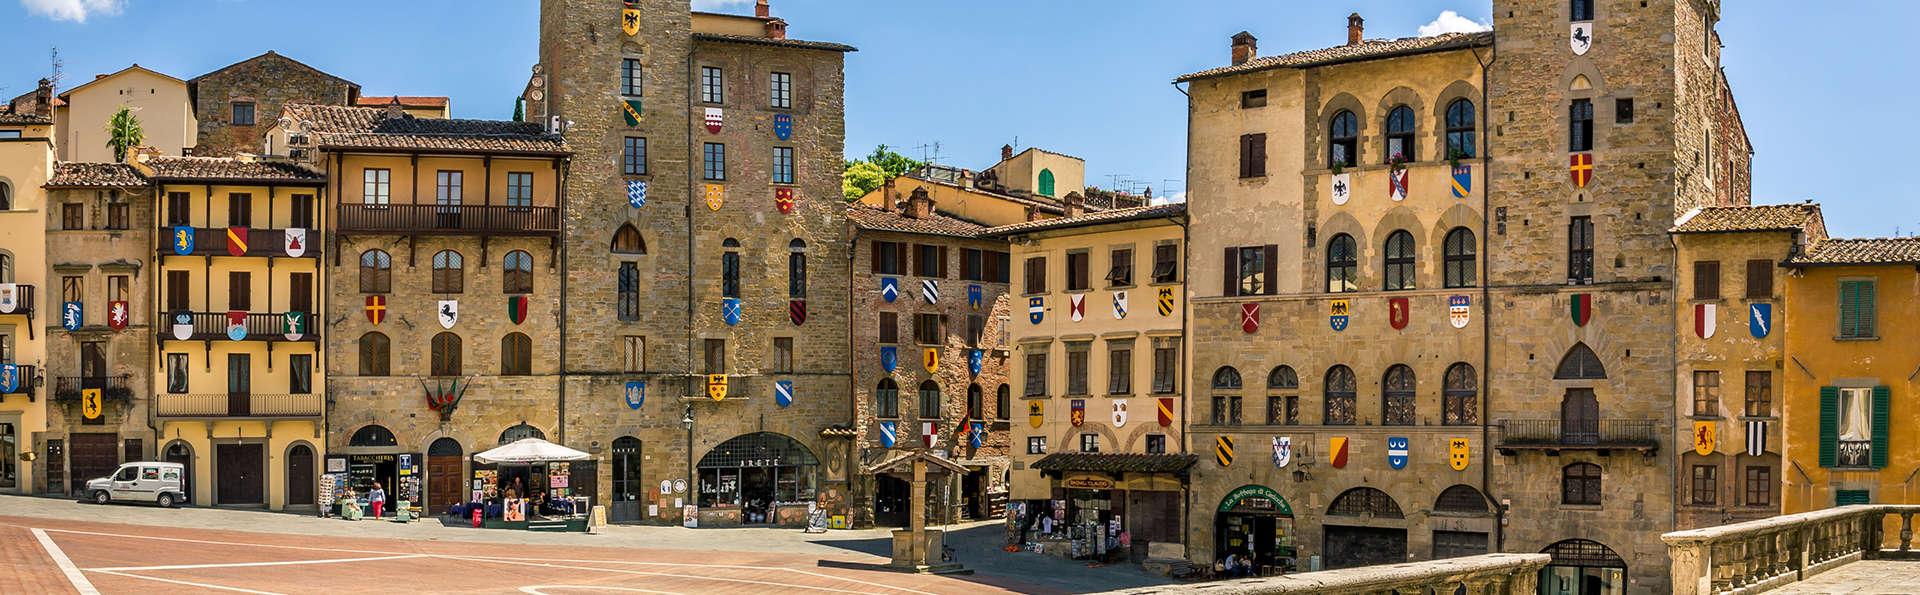 Offerta speciale ad Arezzoi, da non perdere!